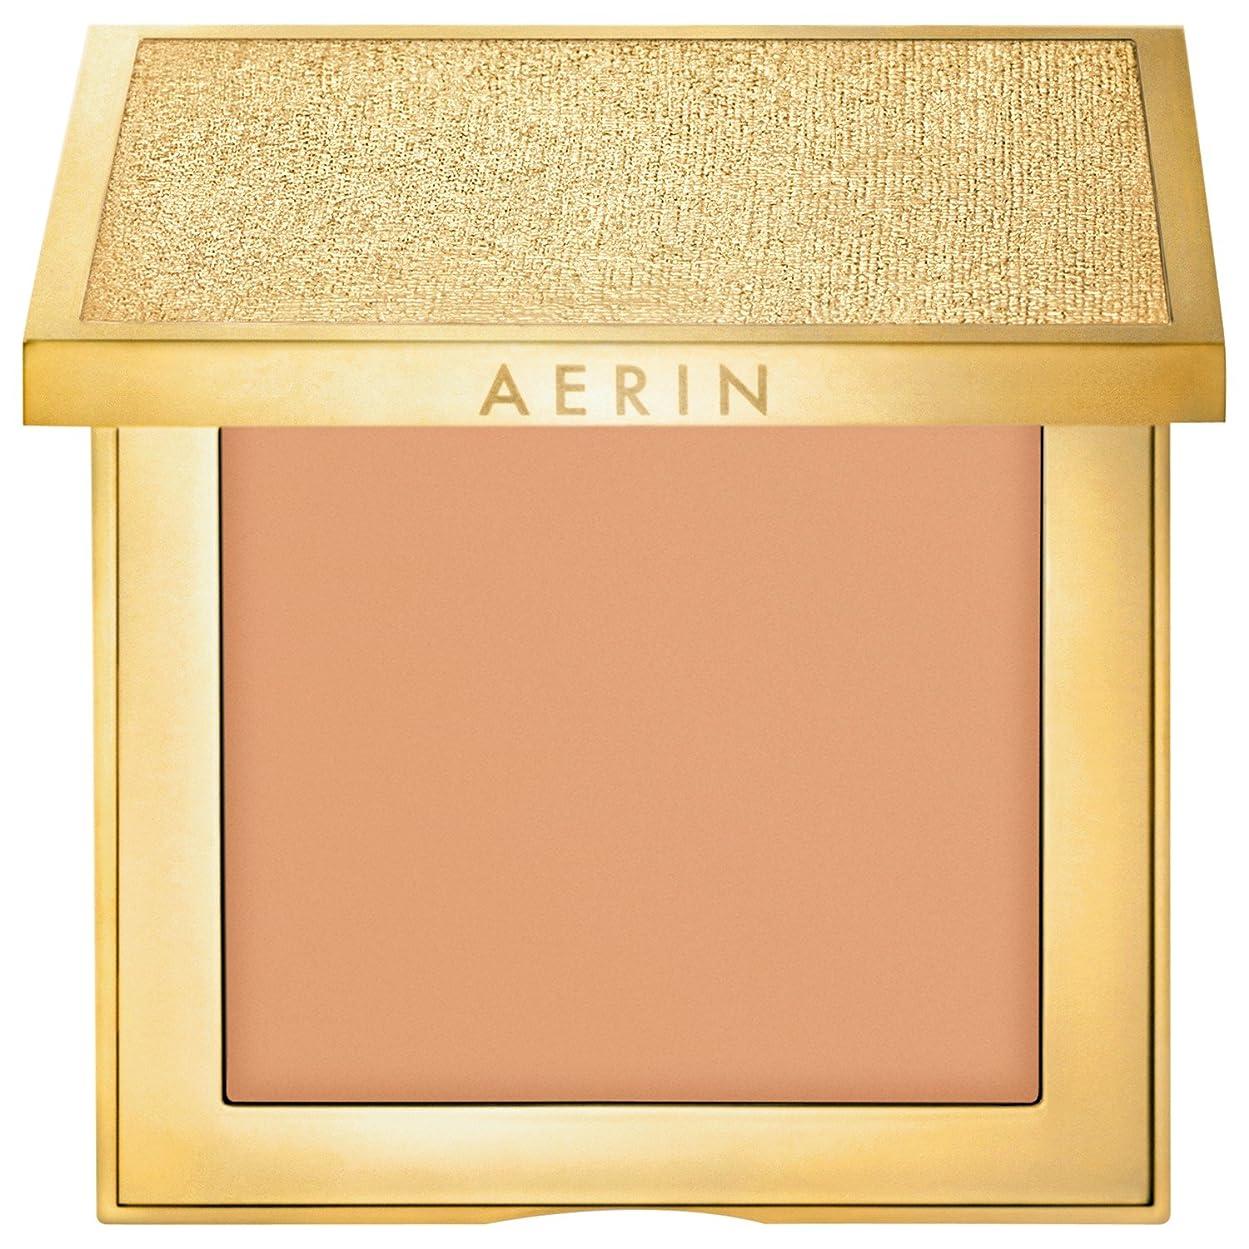 ギャラリーモナリザ属性Aerin新鮮な肌コンパクトメイクアップレベル5 (AERIN) (x2) - AERIN Fresh Skin Compact Makeup Level 5 (Pack of 2) [並行輸入品]